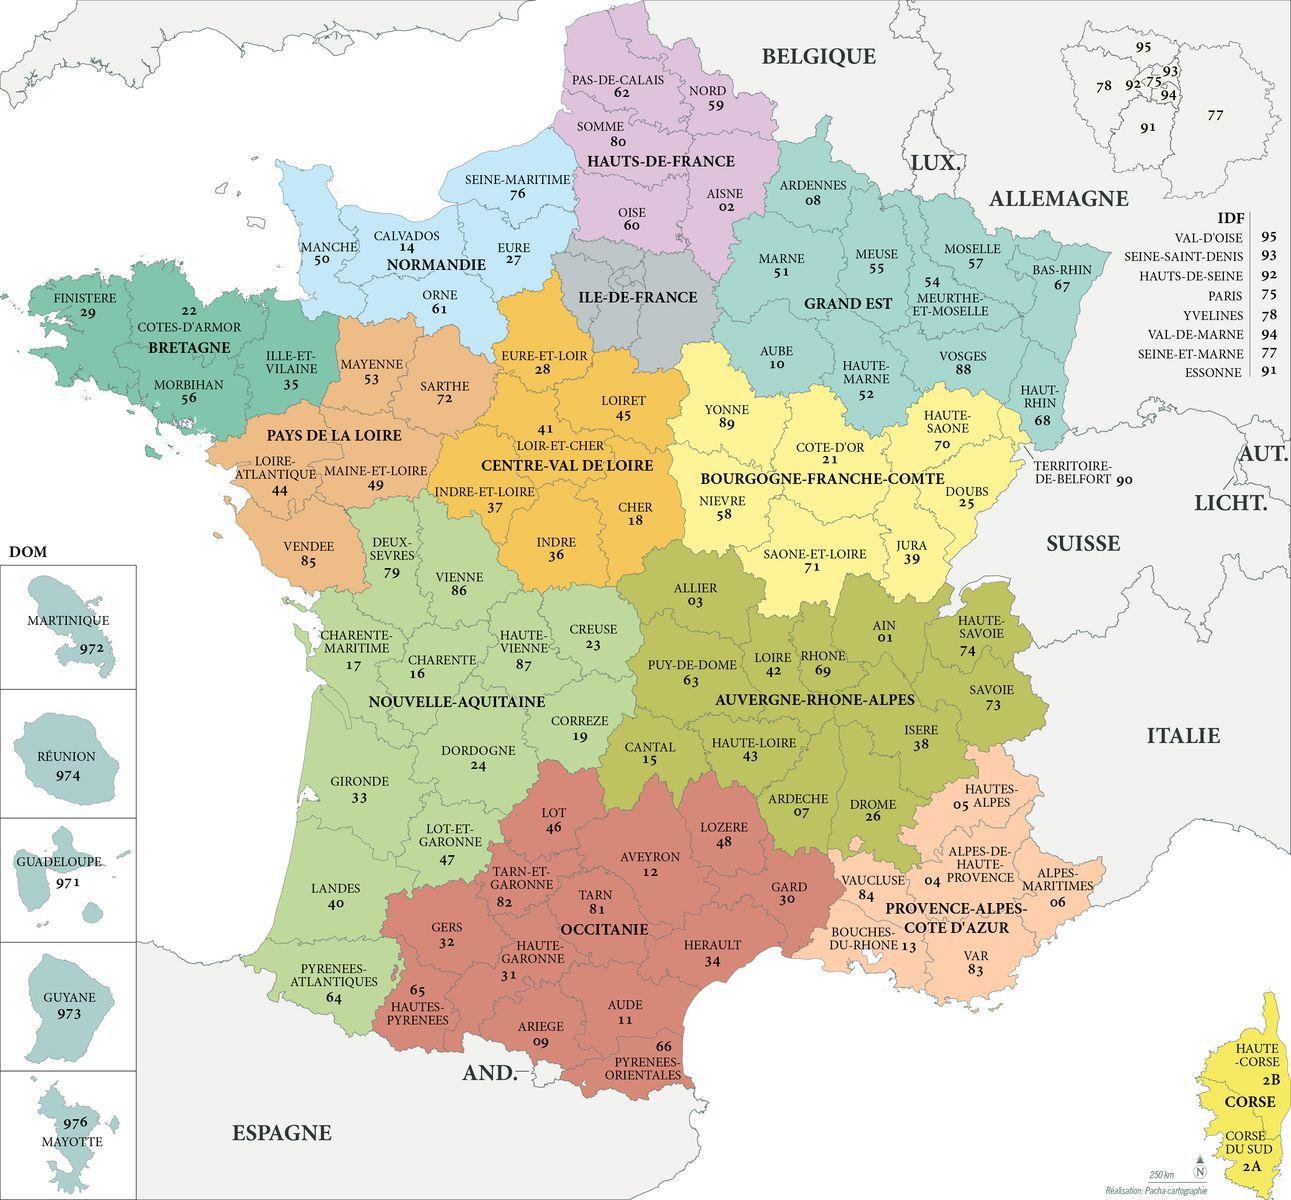 Carte region de france et departement